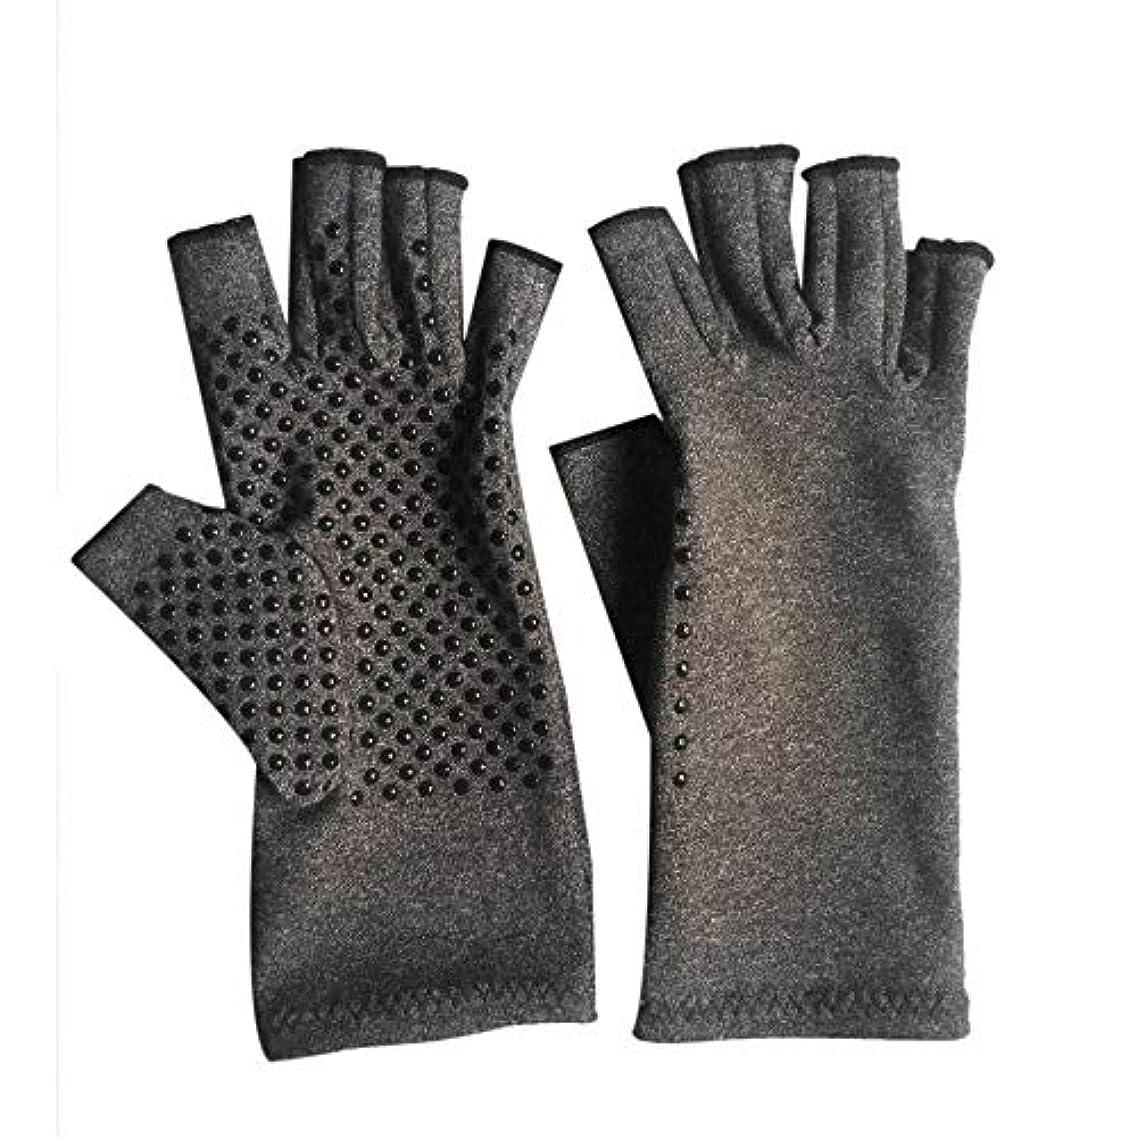 地球愚かスタック1ペアユニセックス男性女性療法圧縮手袋関節炎関節痛緩和ヘルスケア半指手袋トレーニング手袋 - グレーM